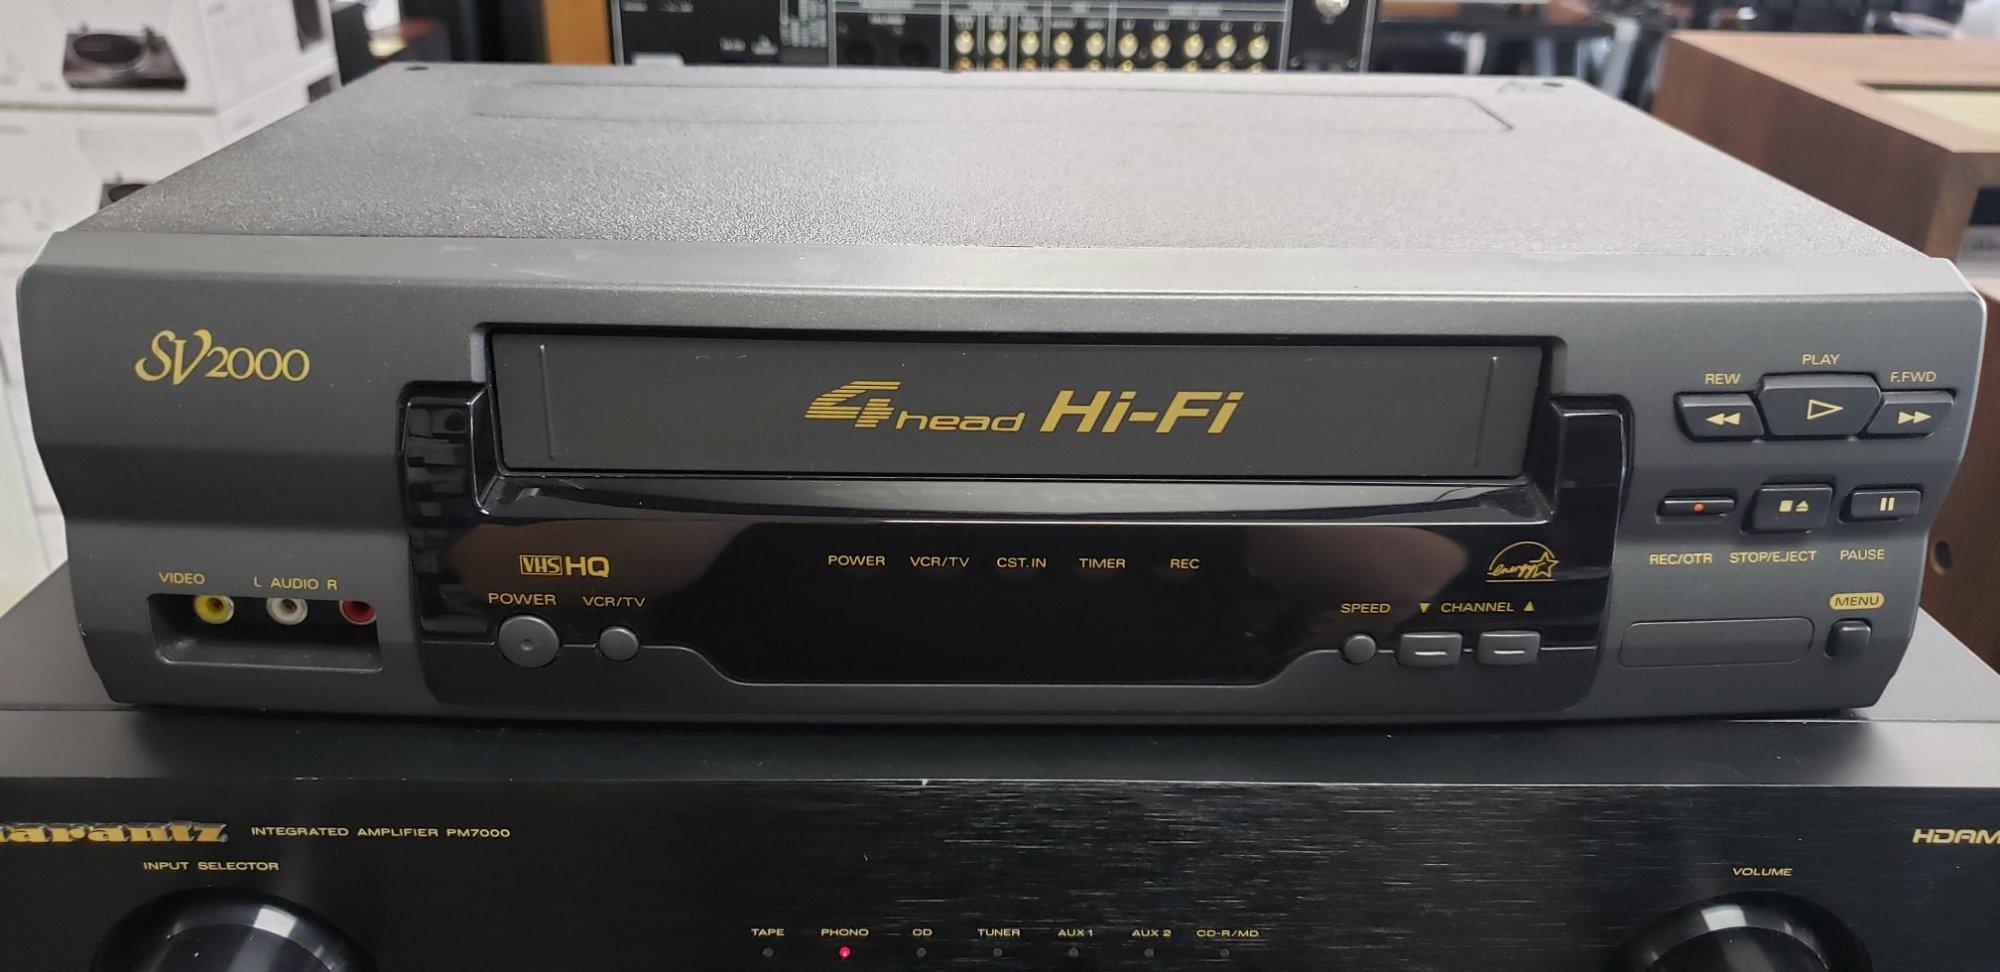 Sansui SV2000 VCR